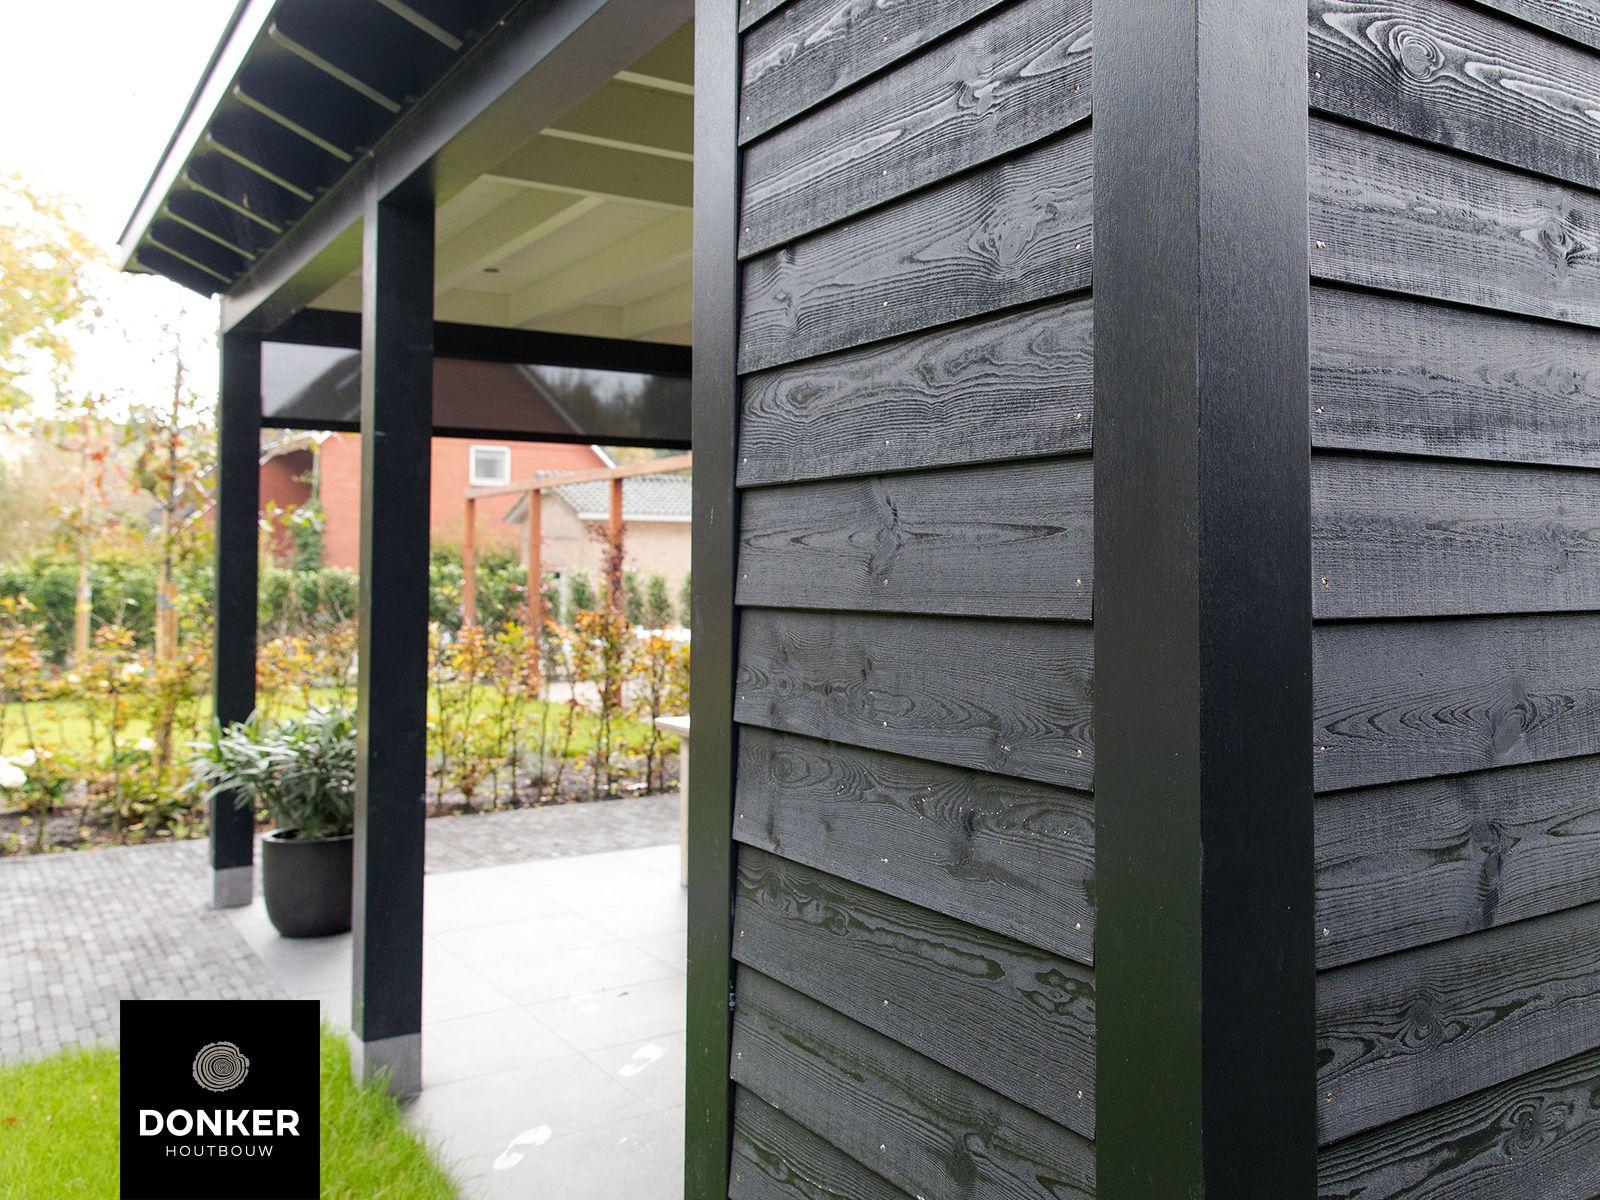 Ongekend Donker Houtbouw // Landelijke veranda / Zwart potdeksel GC-48